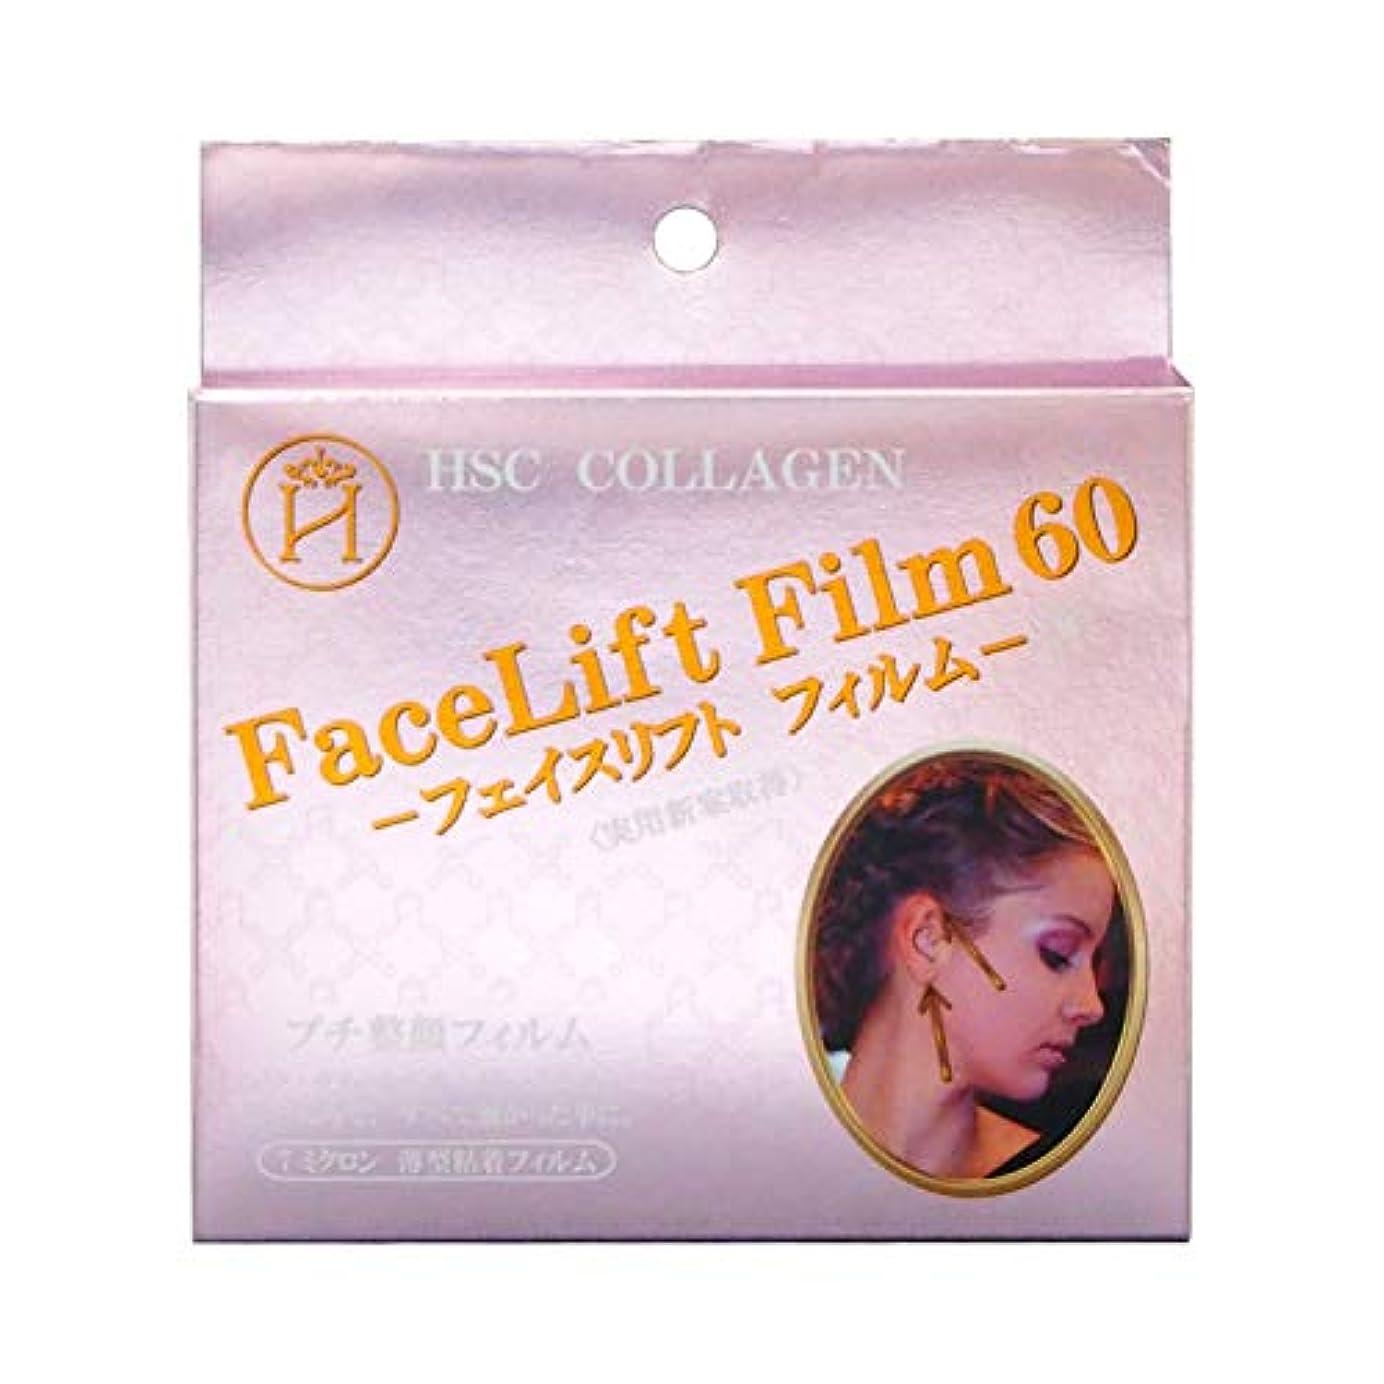 レンダーチューリップしわフェイスリフトフィルム60 たるみ テープ 引き上げ 透明 目立たない フェイスライン